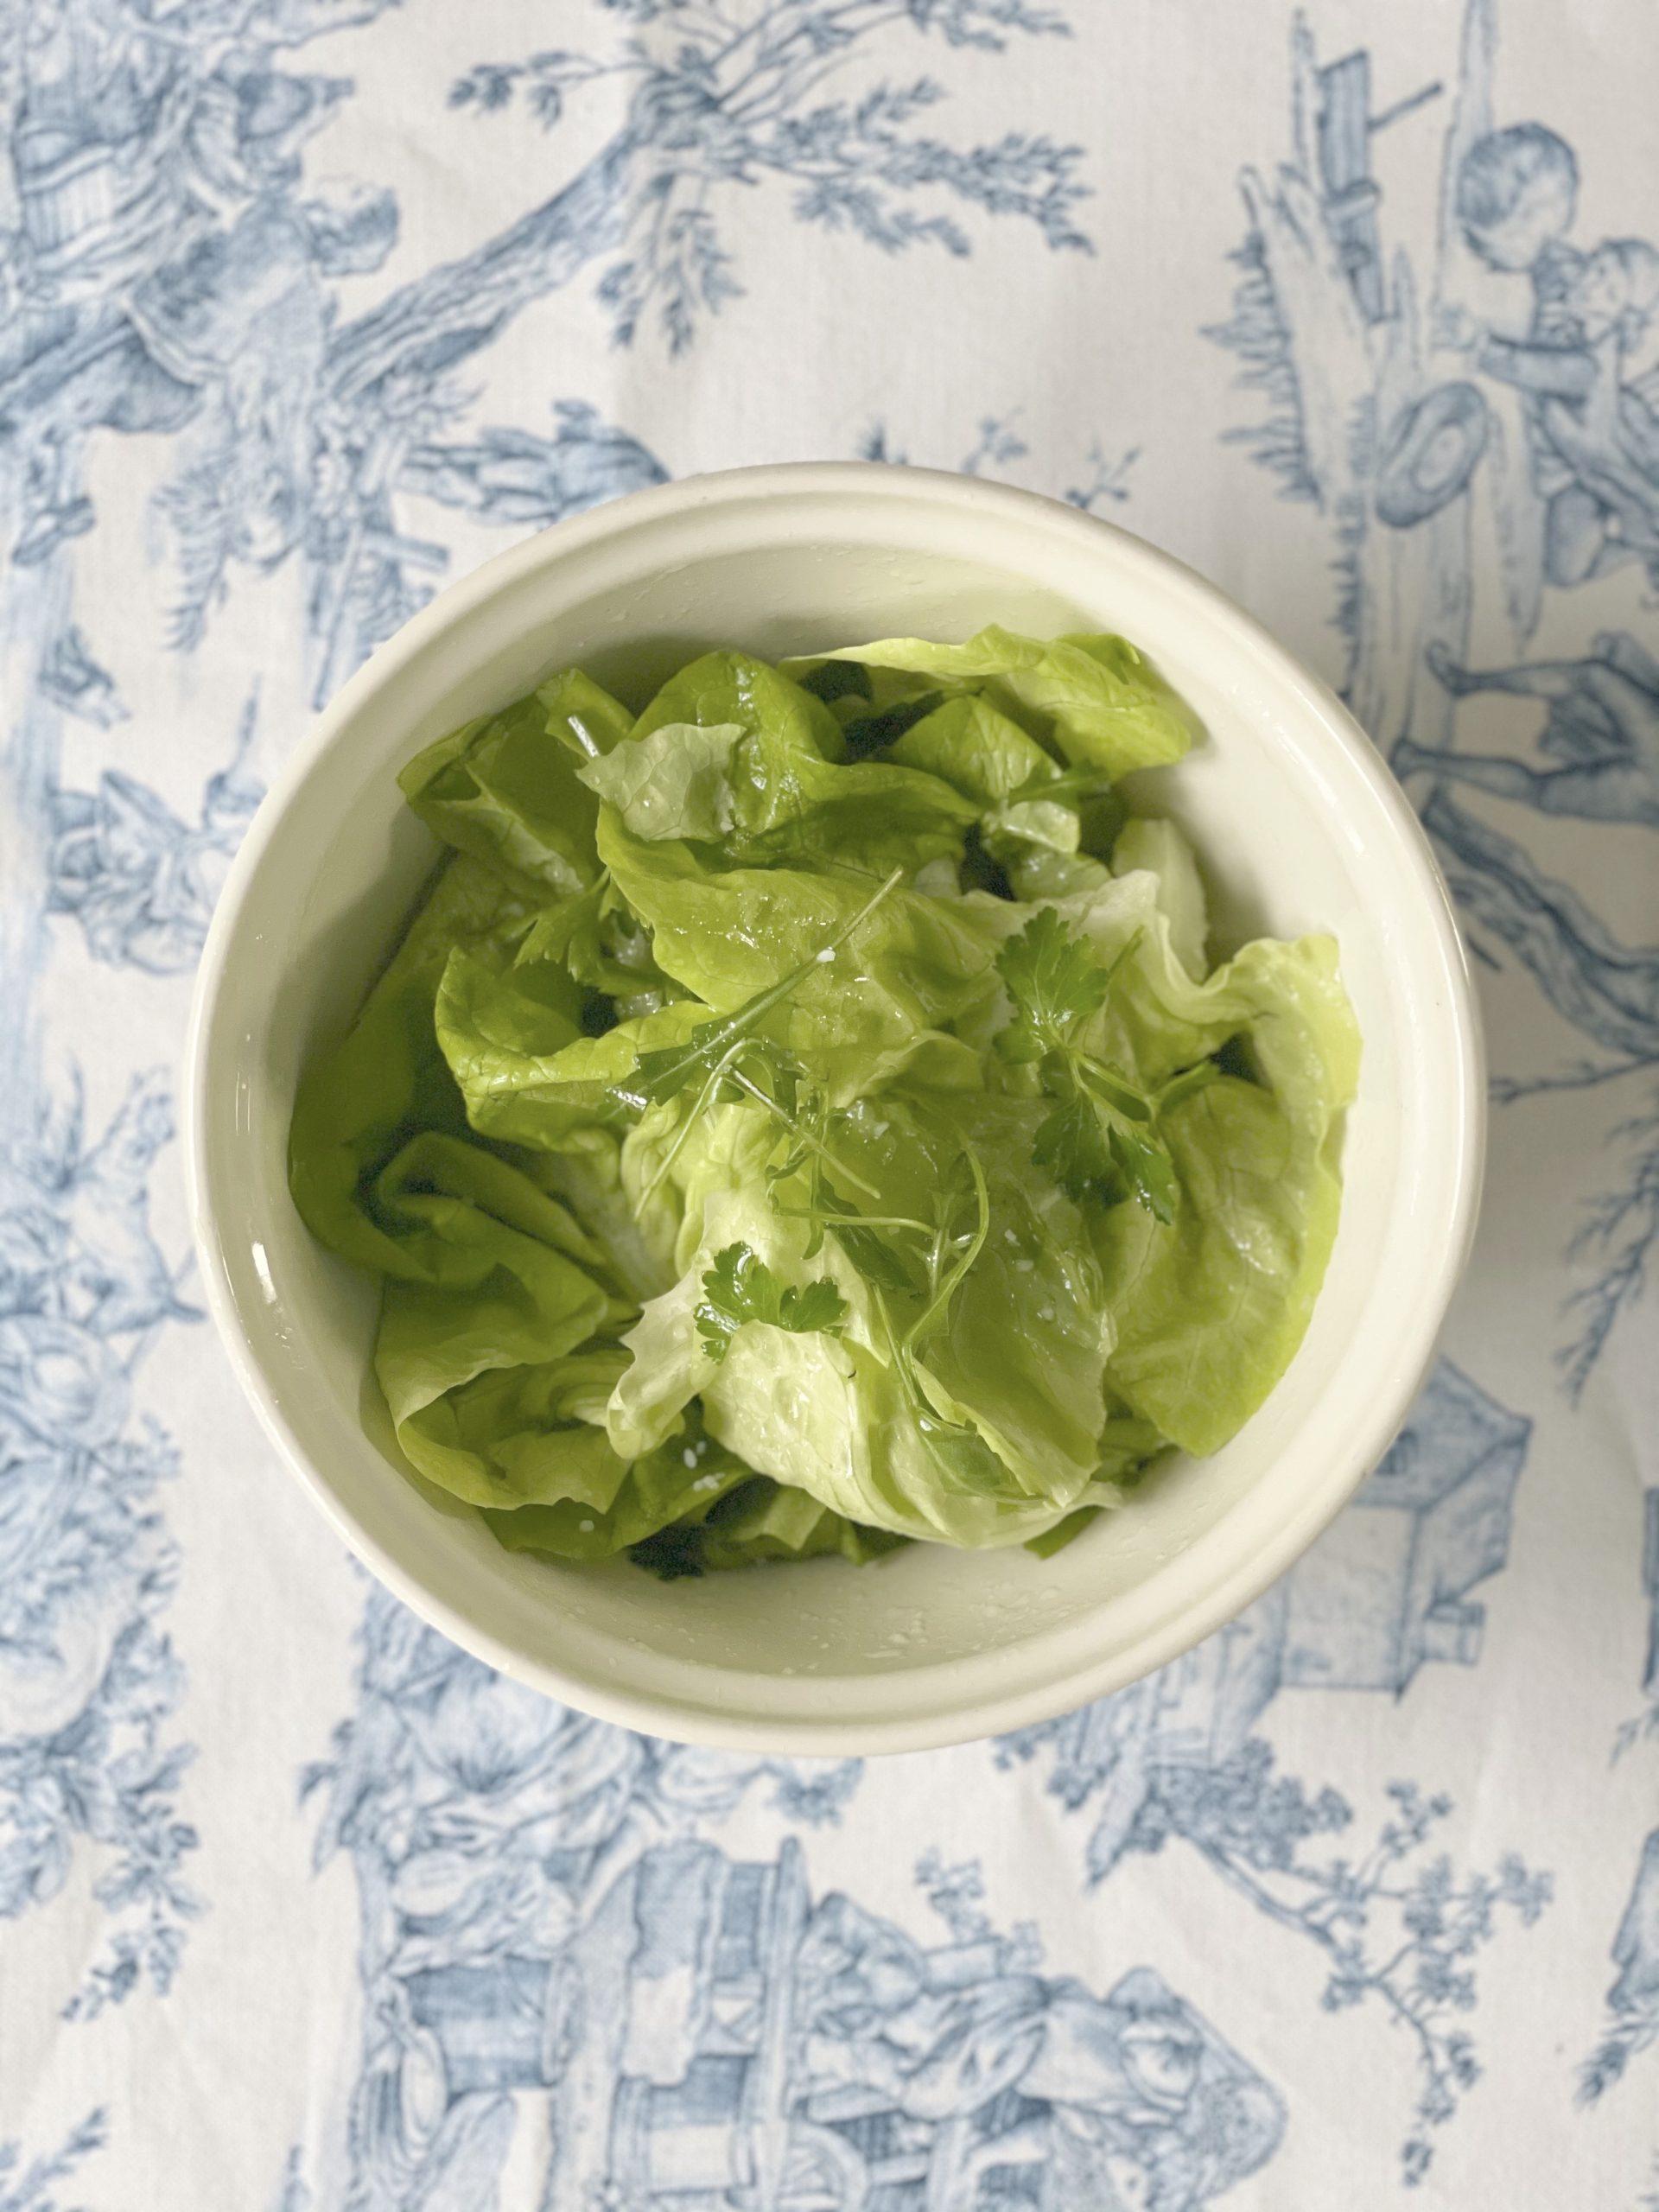 groene sla